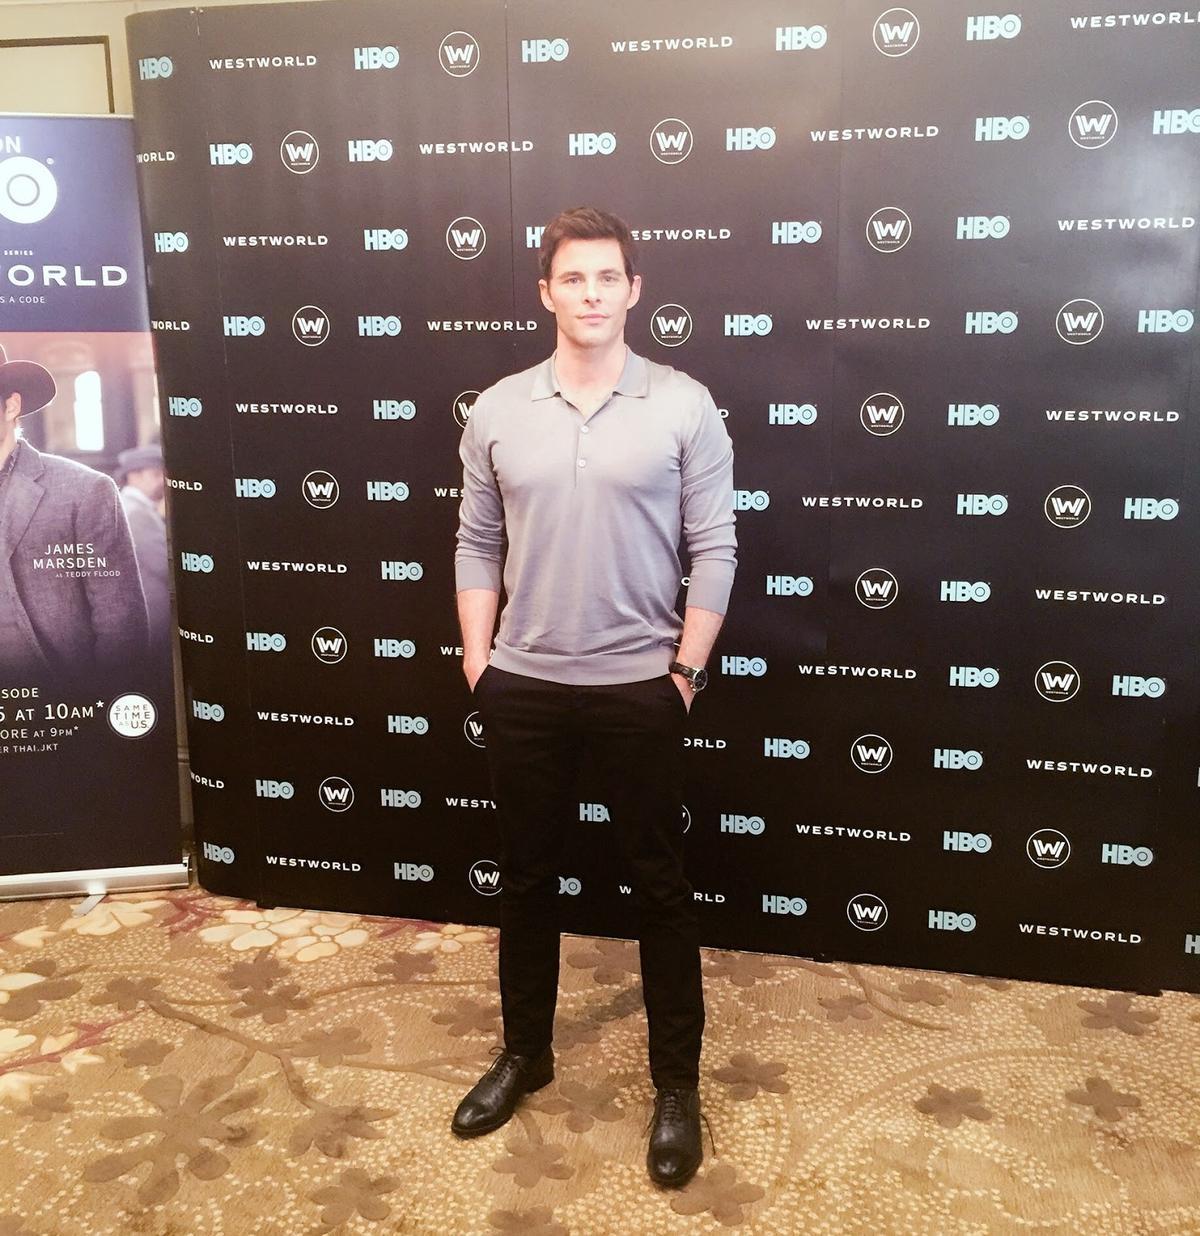 在新加坡接受鏡傳媒專訪的詹姆斯,雖然包緊緊,但還是看得出來身材超好!